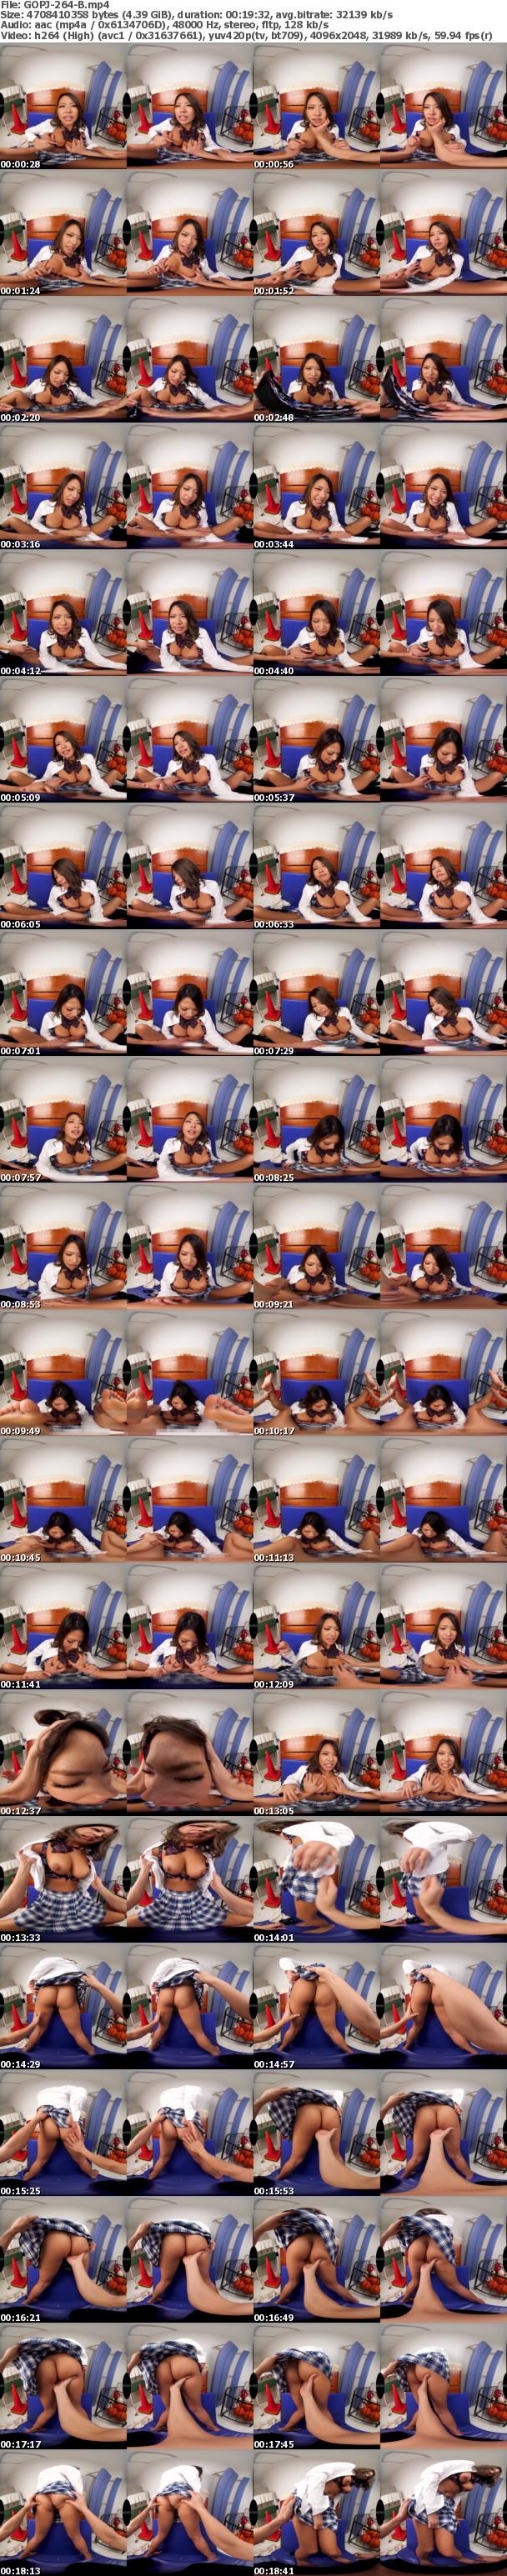 (VR) GOPJ-264 HQ 劇的超高画質 今井夏帆 密室で抵抗も虚しく無慈悲に…【黒ギャル恥辱編】 「お前マジかよ…何してんだよ…そんなとこ嗅ぐなよ…あっ…やっマジ無理…もうやめっ!はやく抜いて…もうやめて…やめろってホント…!」褐色の美しいカラダを貪る!